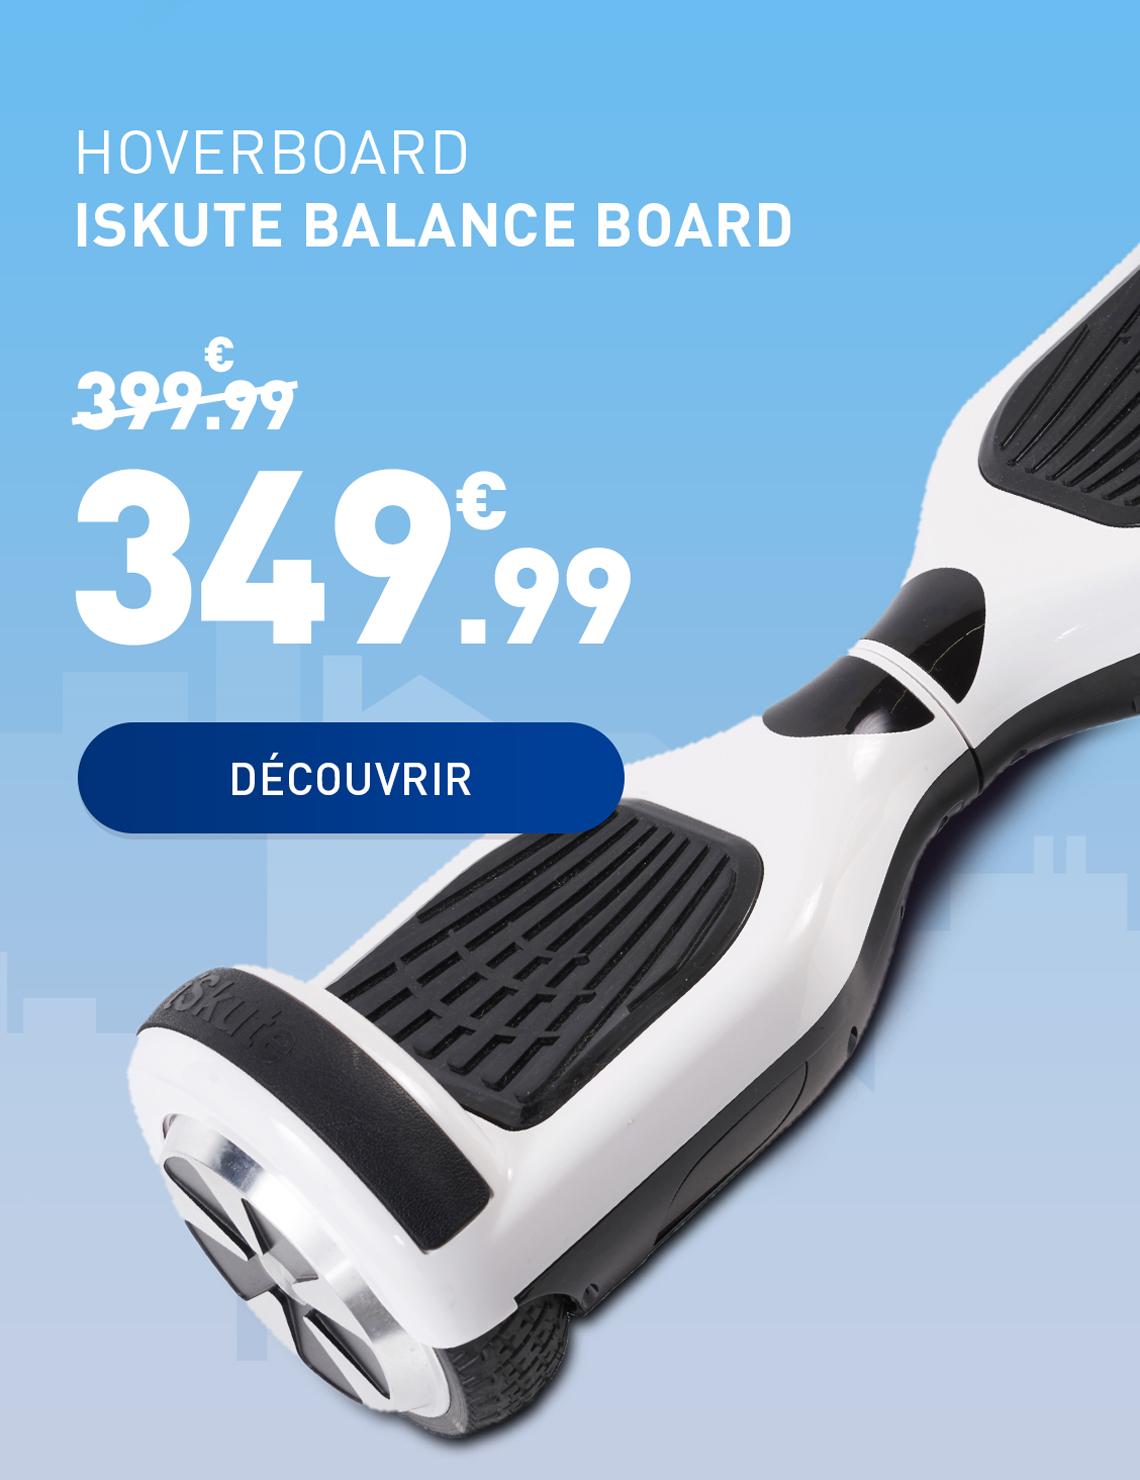 2_hoverboard-iskute_lp_noel2016